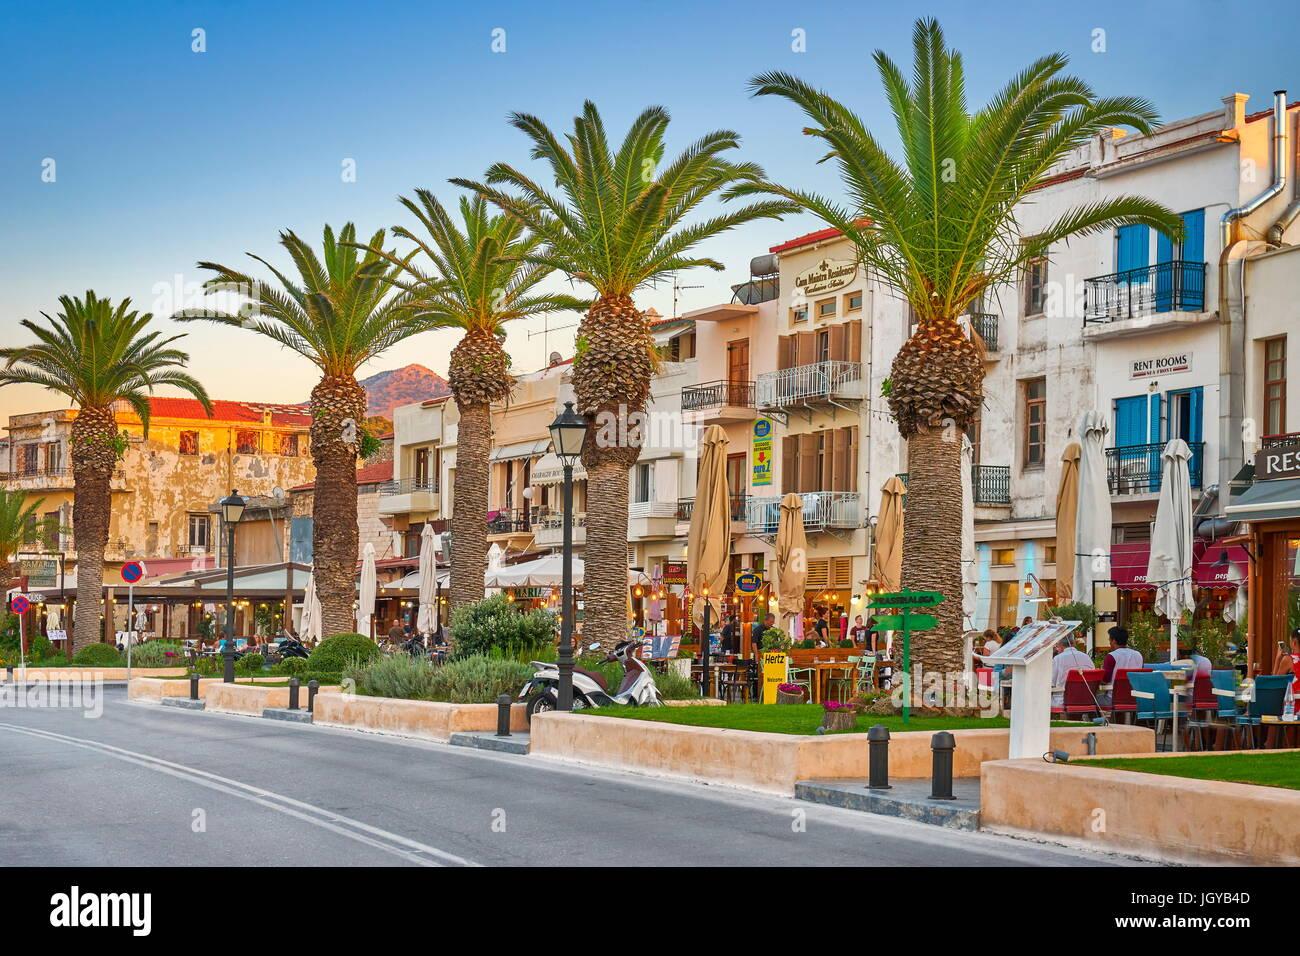 Città vecchia promenade, Rethimno, Creta, Grecia Foto Stock